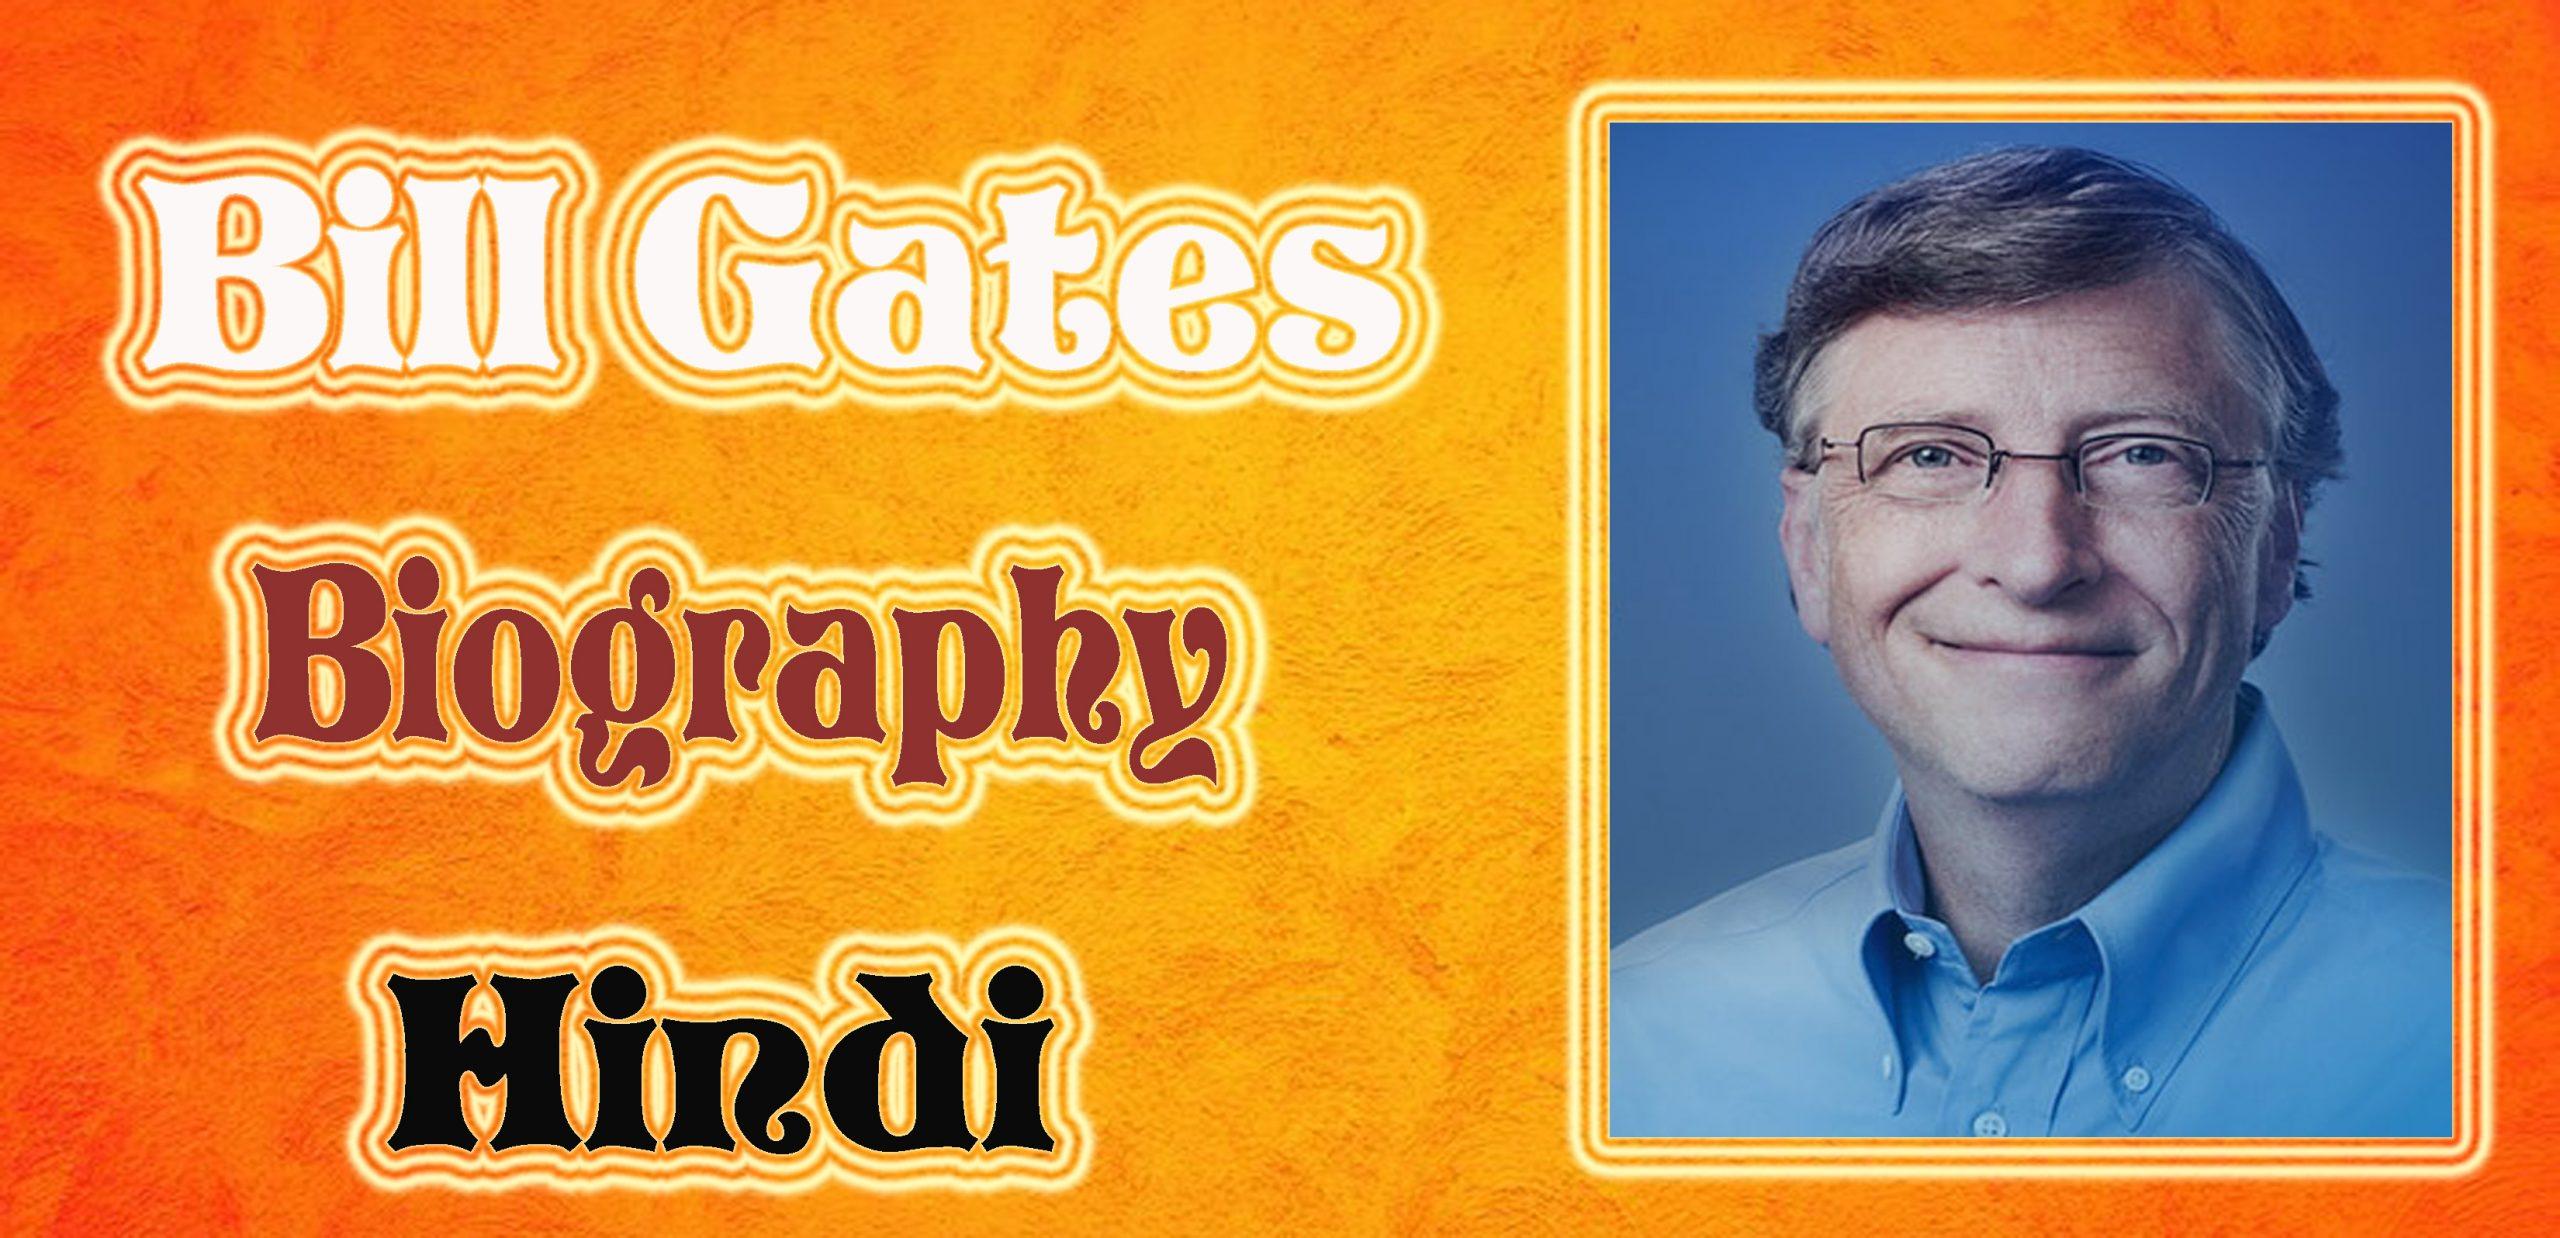 Bill Getes Biography in Hindi